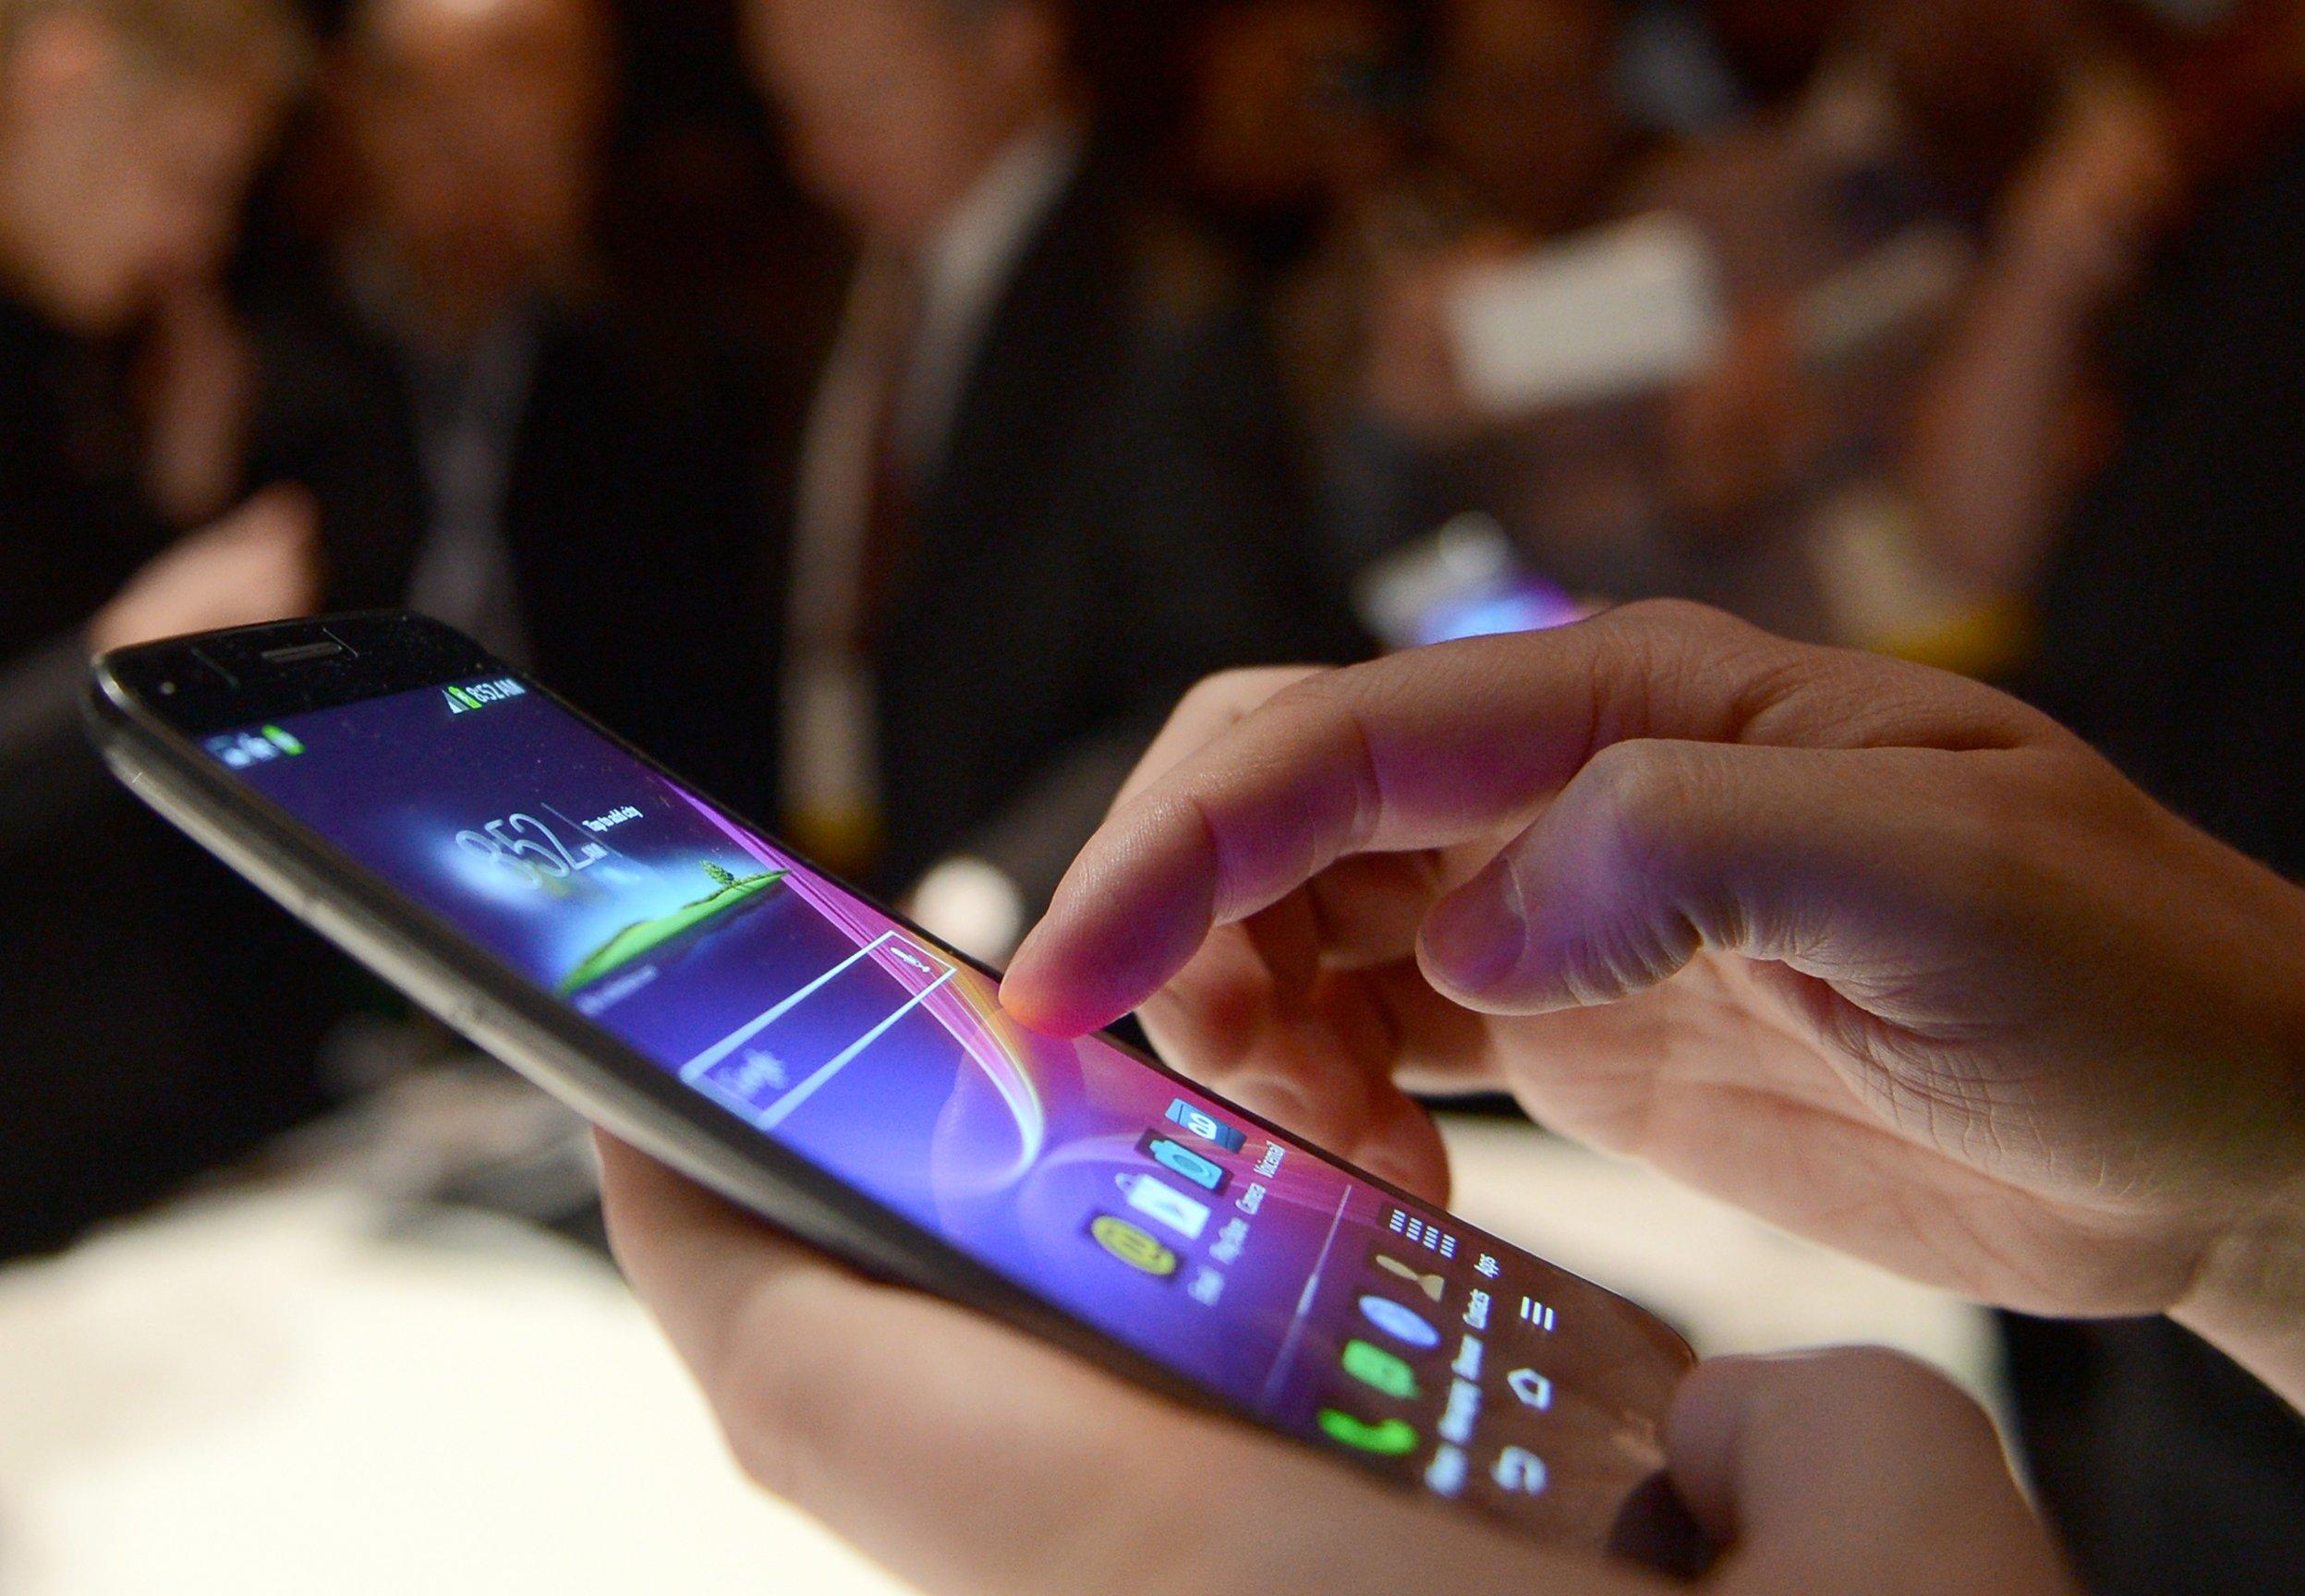 LG-Smartphone mit dem Betriebssystem Android auf der CES in Las Vegas: Trotz Reset-Funktion lassen sich anschließend sogar Passwörter und Anmeldedaten rekonstruieren.